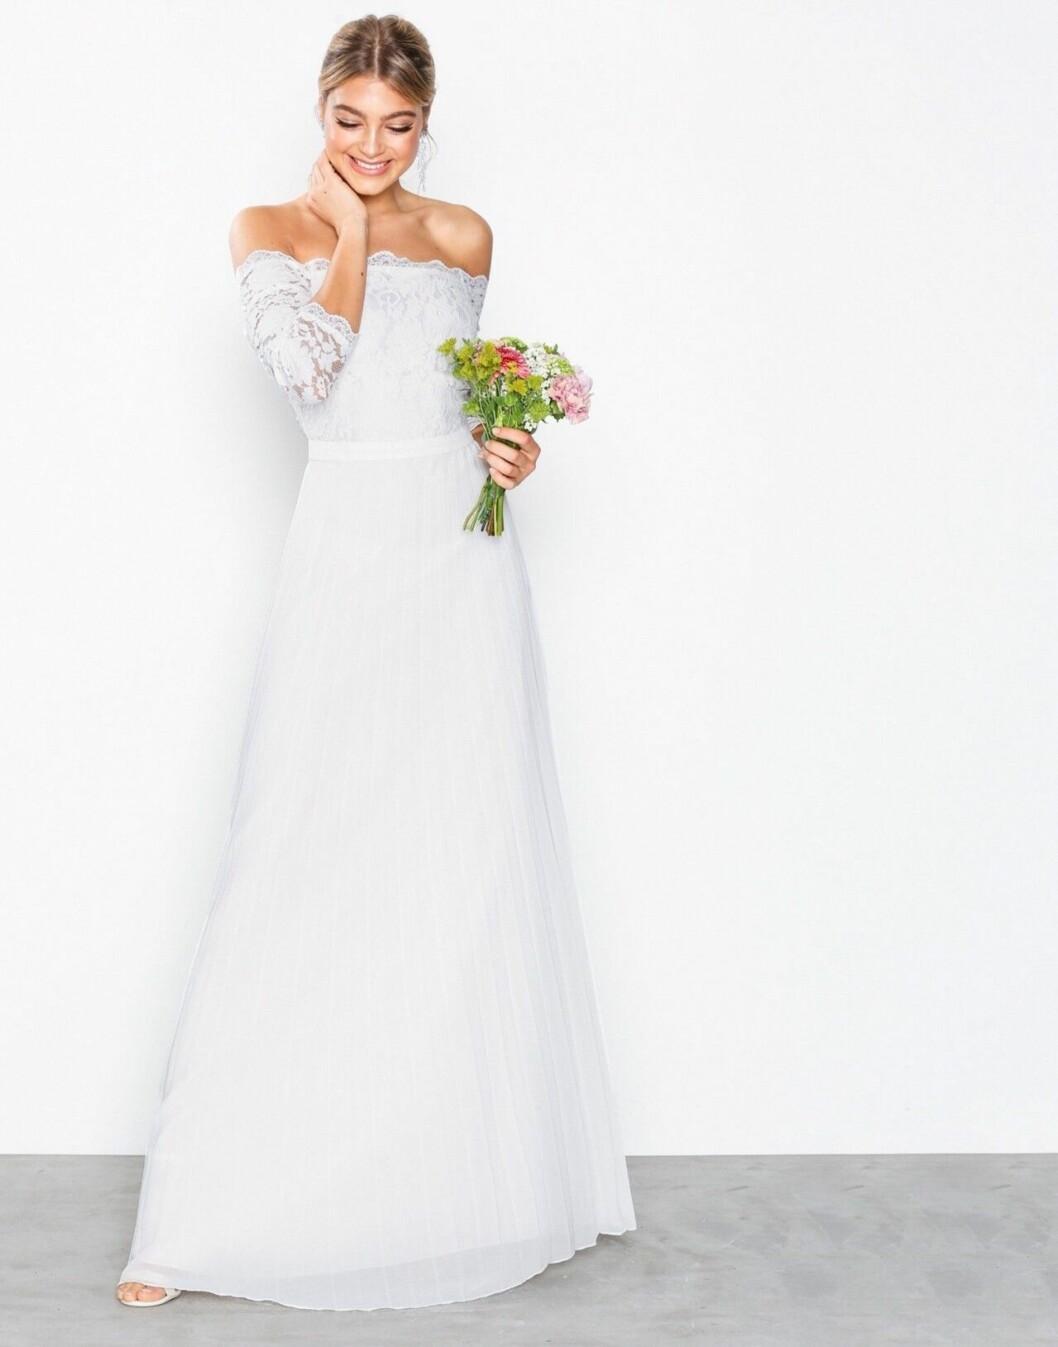 Billig bröllopsklänning i spets med lång ärm 2019